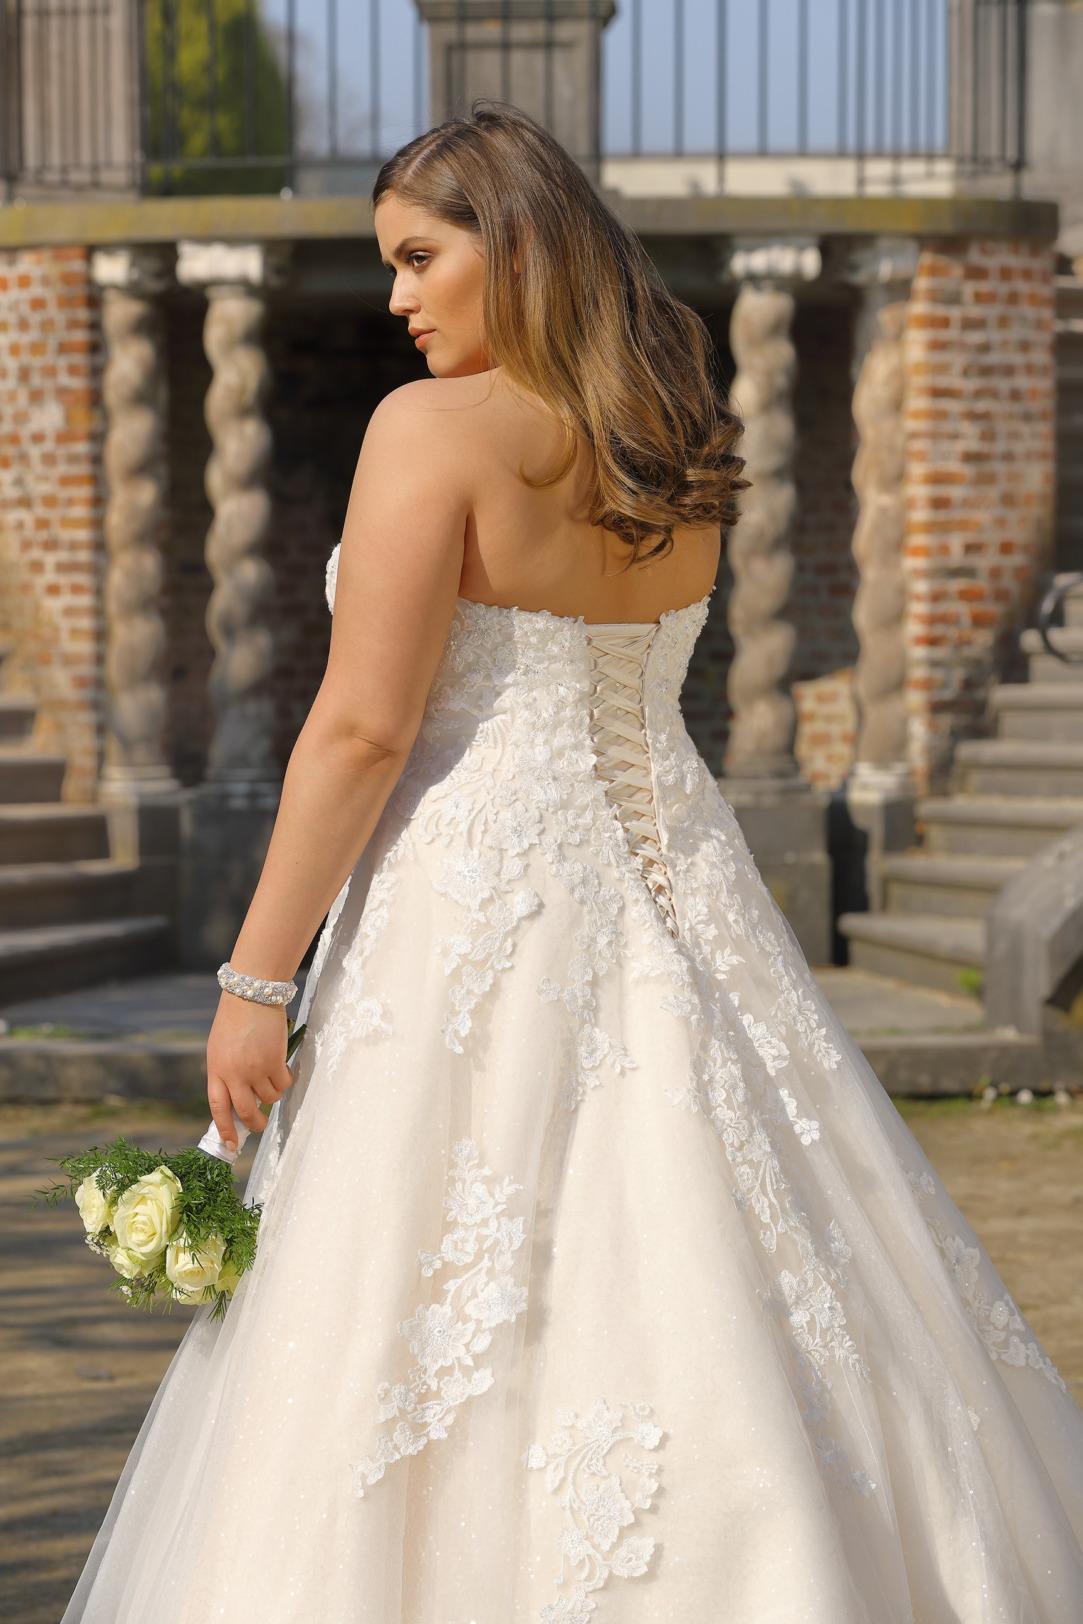 Brautkleider Hochzeitskleider Mode A Linie Ladybird Corsage trägerlos Spitze grosse Grösse plus size Rock mit Schleppe